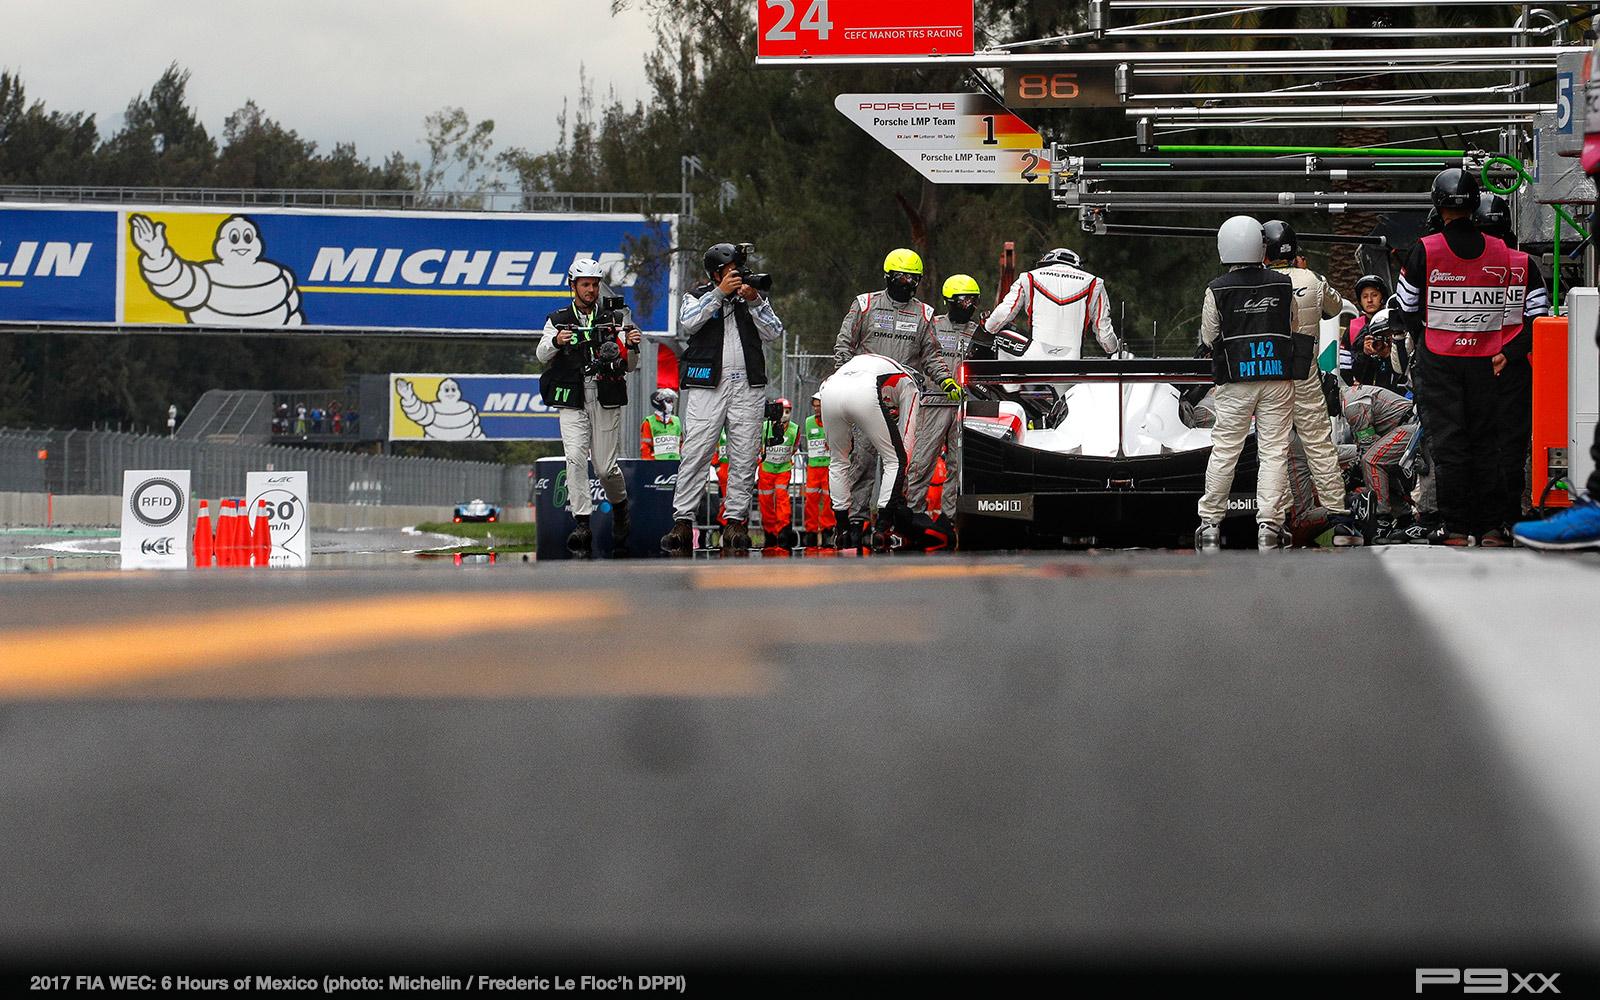 2017-FIA-WEC-6-HOURS-MEXICO-PORSCHE-exico_FLF_02117008_518661249